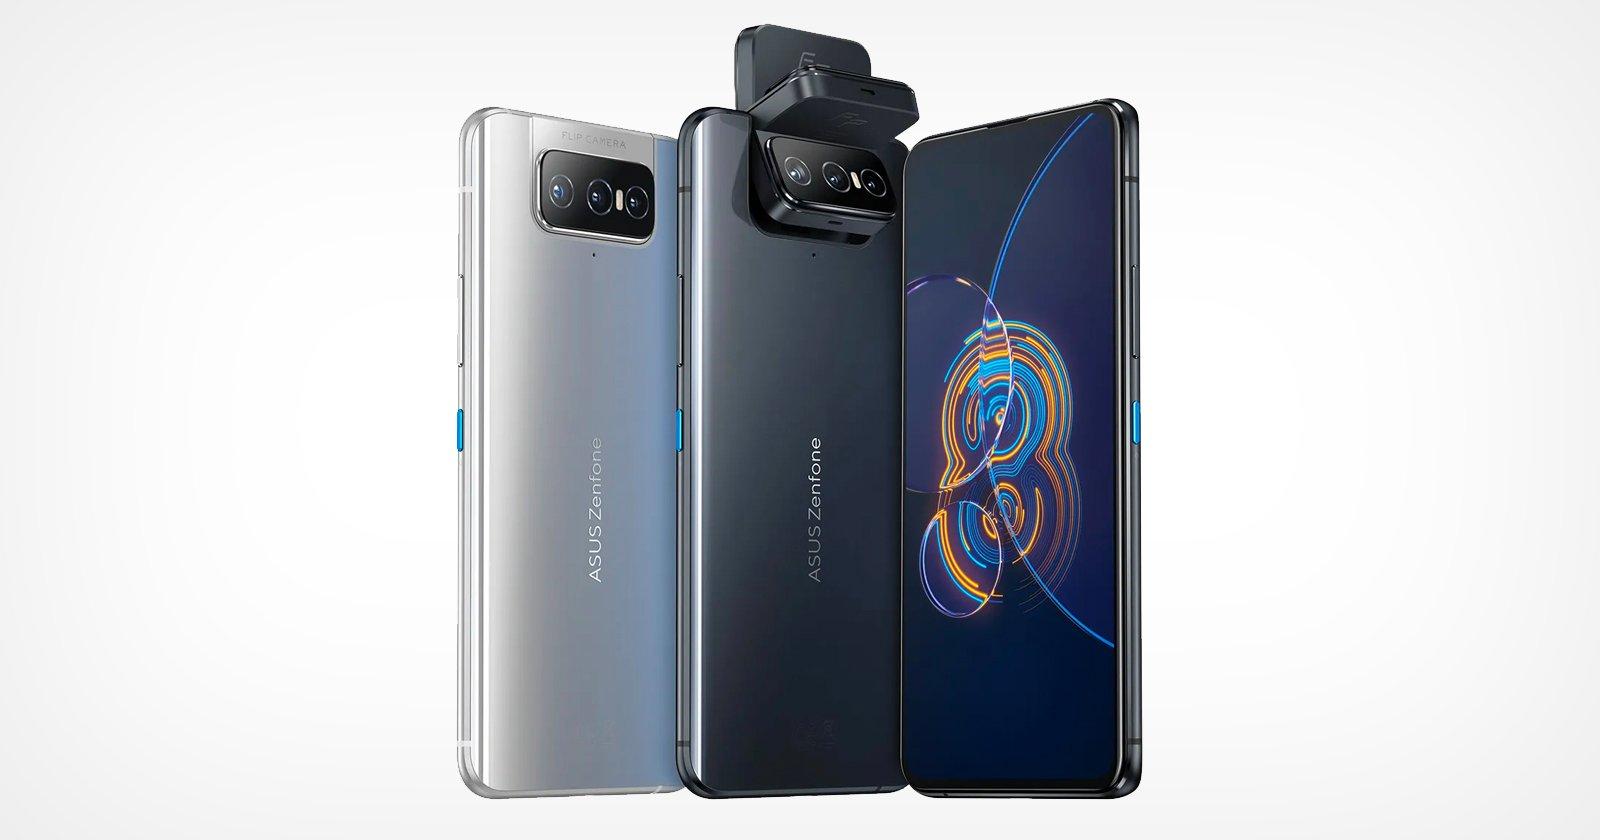 Asus Unveils the Zenfone 8 and Zenfone 8 Flip Smartphones